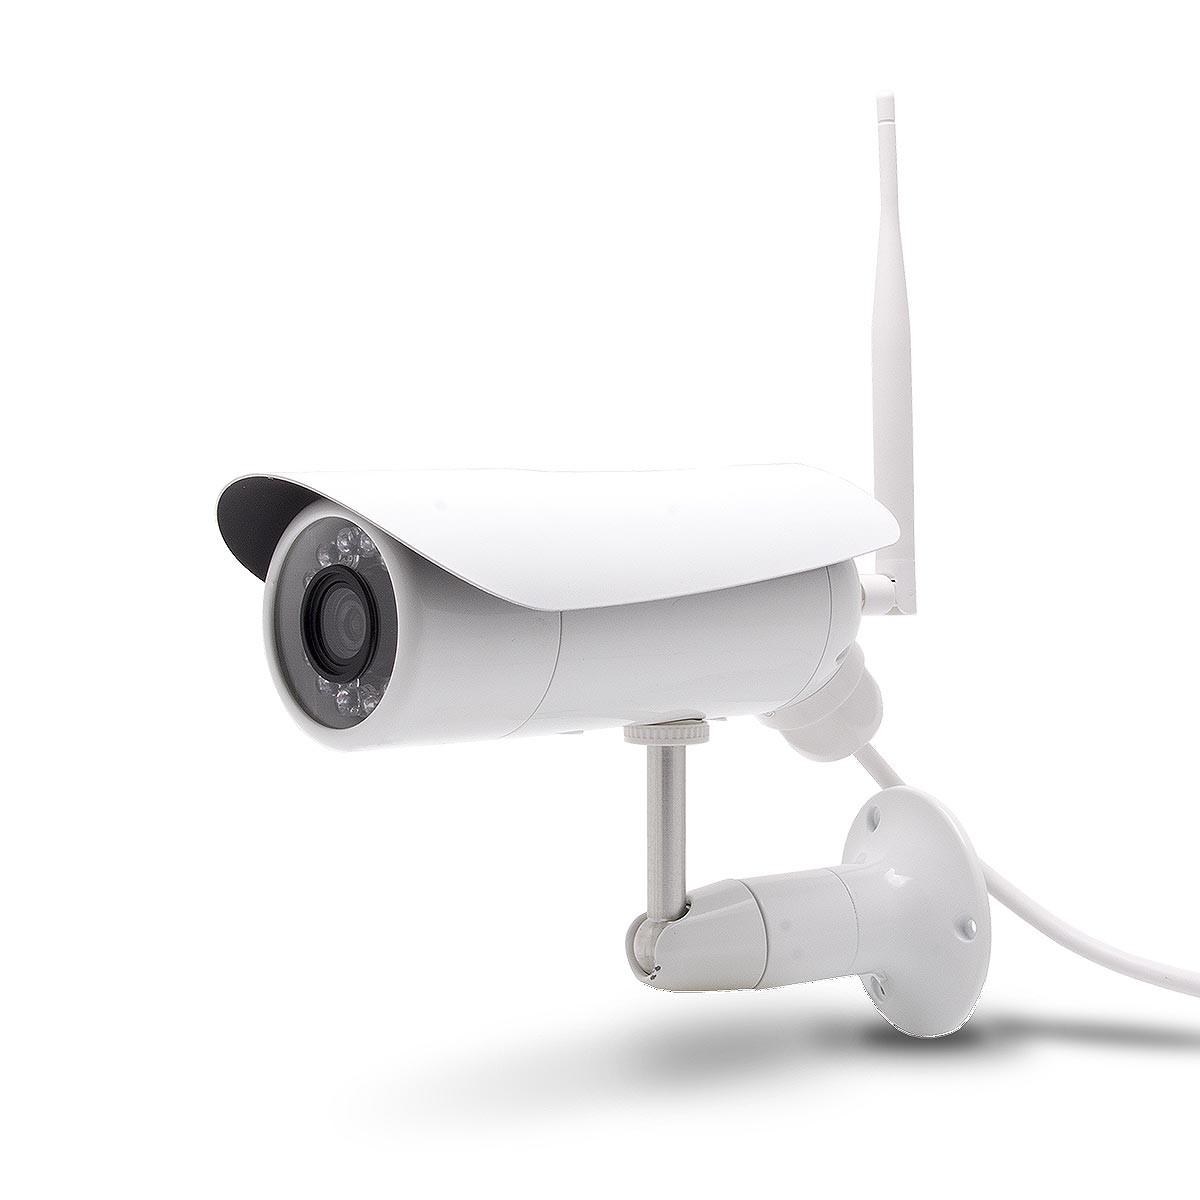 Caméra IP 3G extérieure waterproof HD 1080P vision nocturne avec détection sur SDHC et accès smartphone